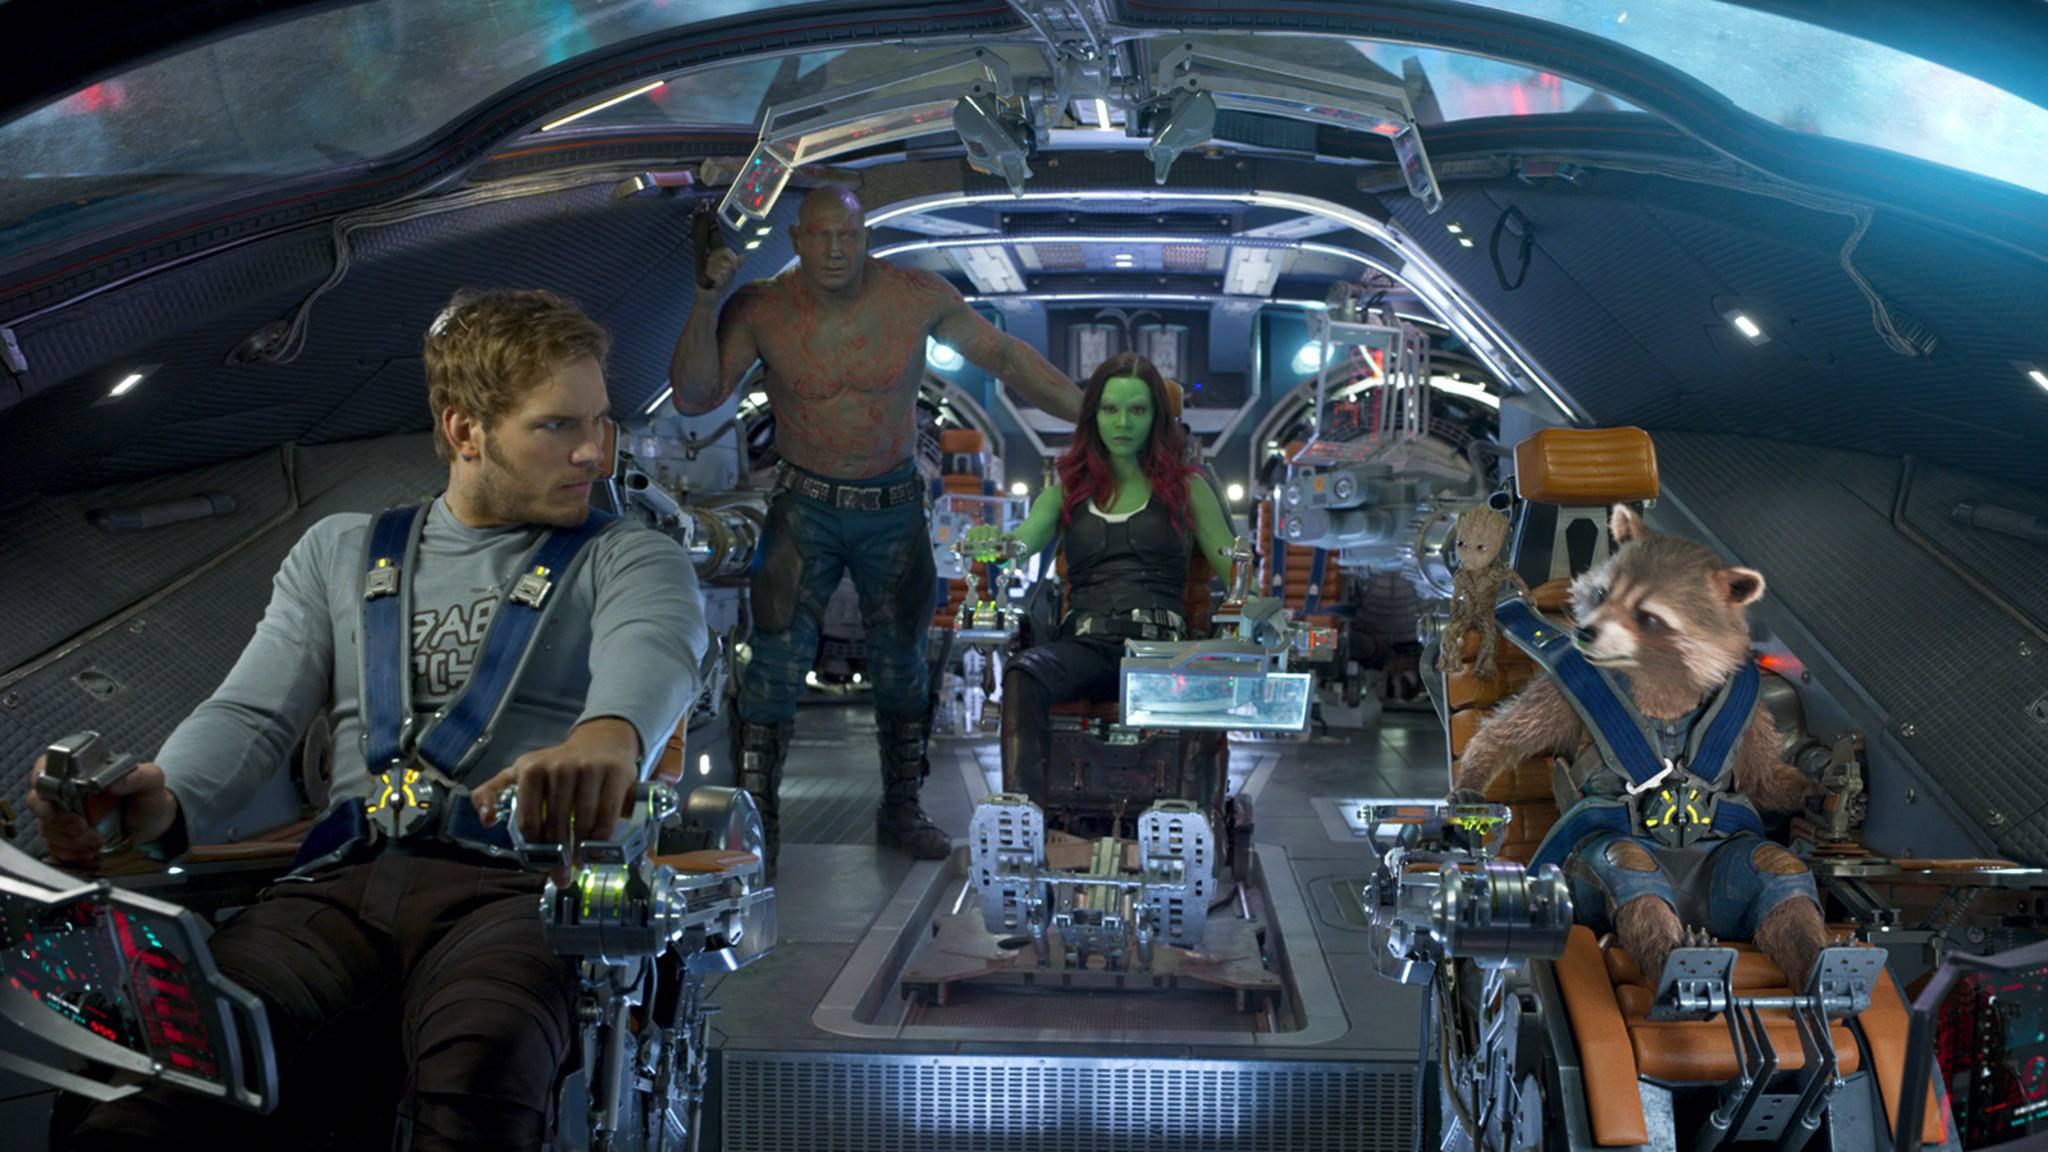 Bekommen die Guardians bald Besuch aus einer weit, weit entfernten Galaxie?